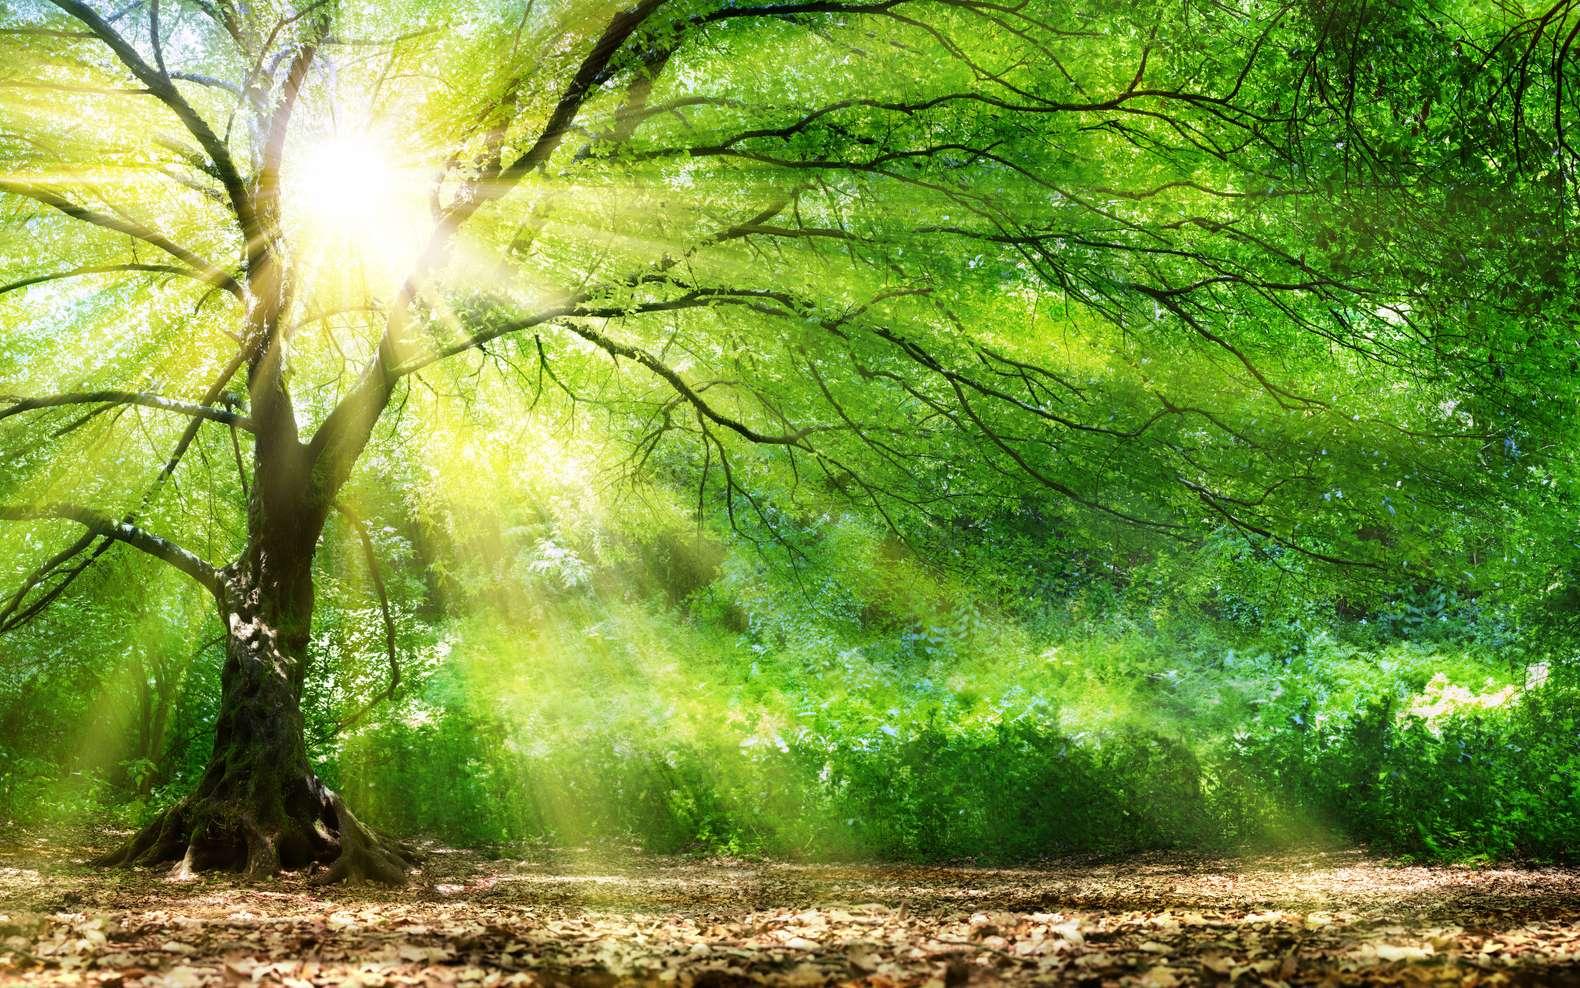 L'Intelligence des arbres, un documentaire stupéfiant. © Romolo Tavani